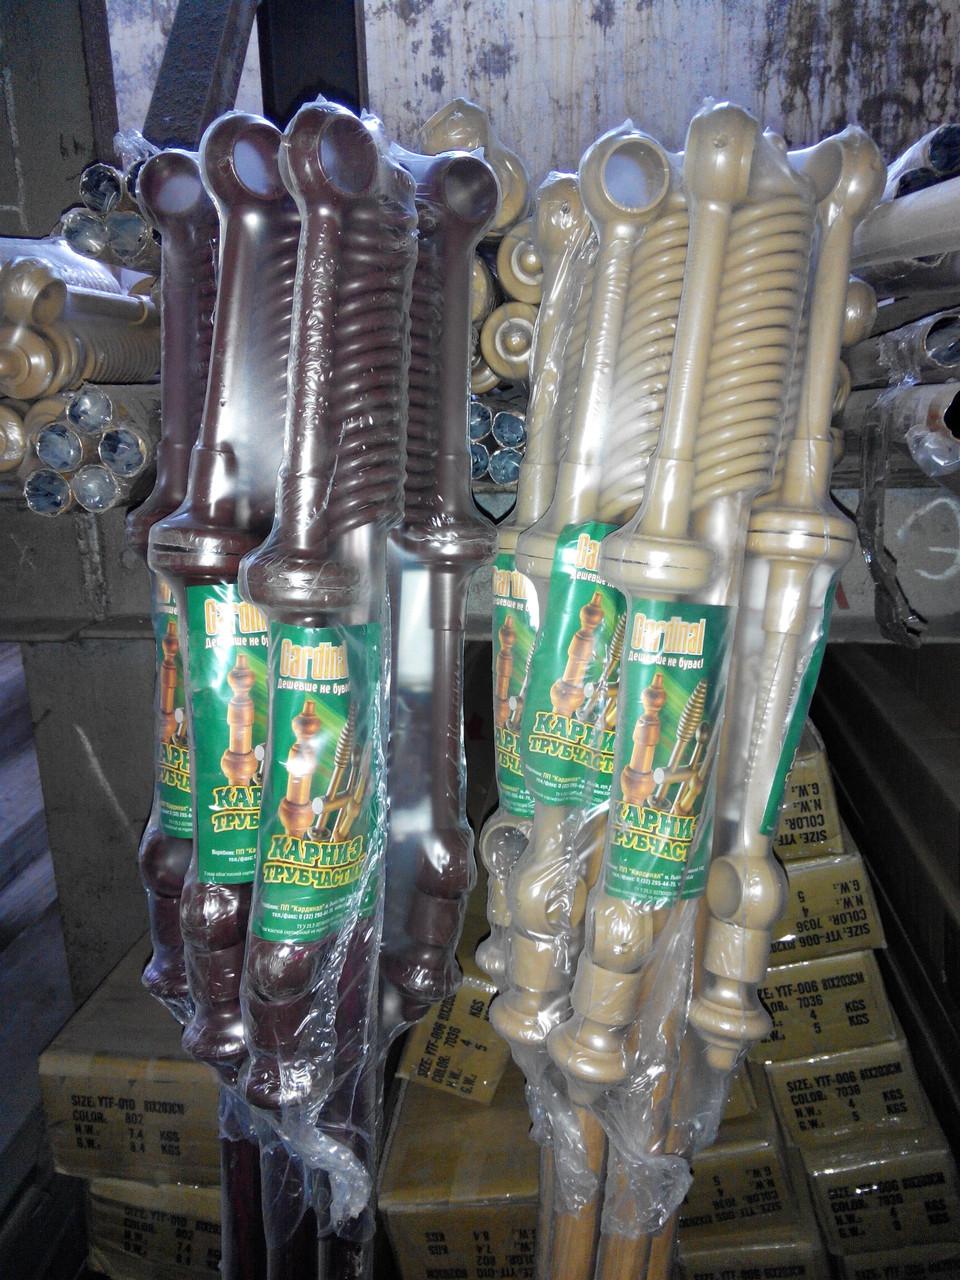 Карниз 3м двойной потолочный пластиковый с комплектующим со склада в Днепропетровске , доставка по Украине - фото 4